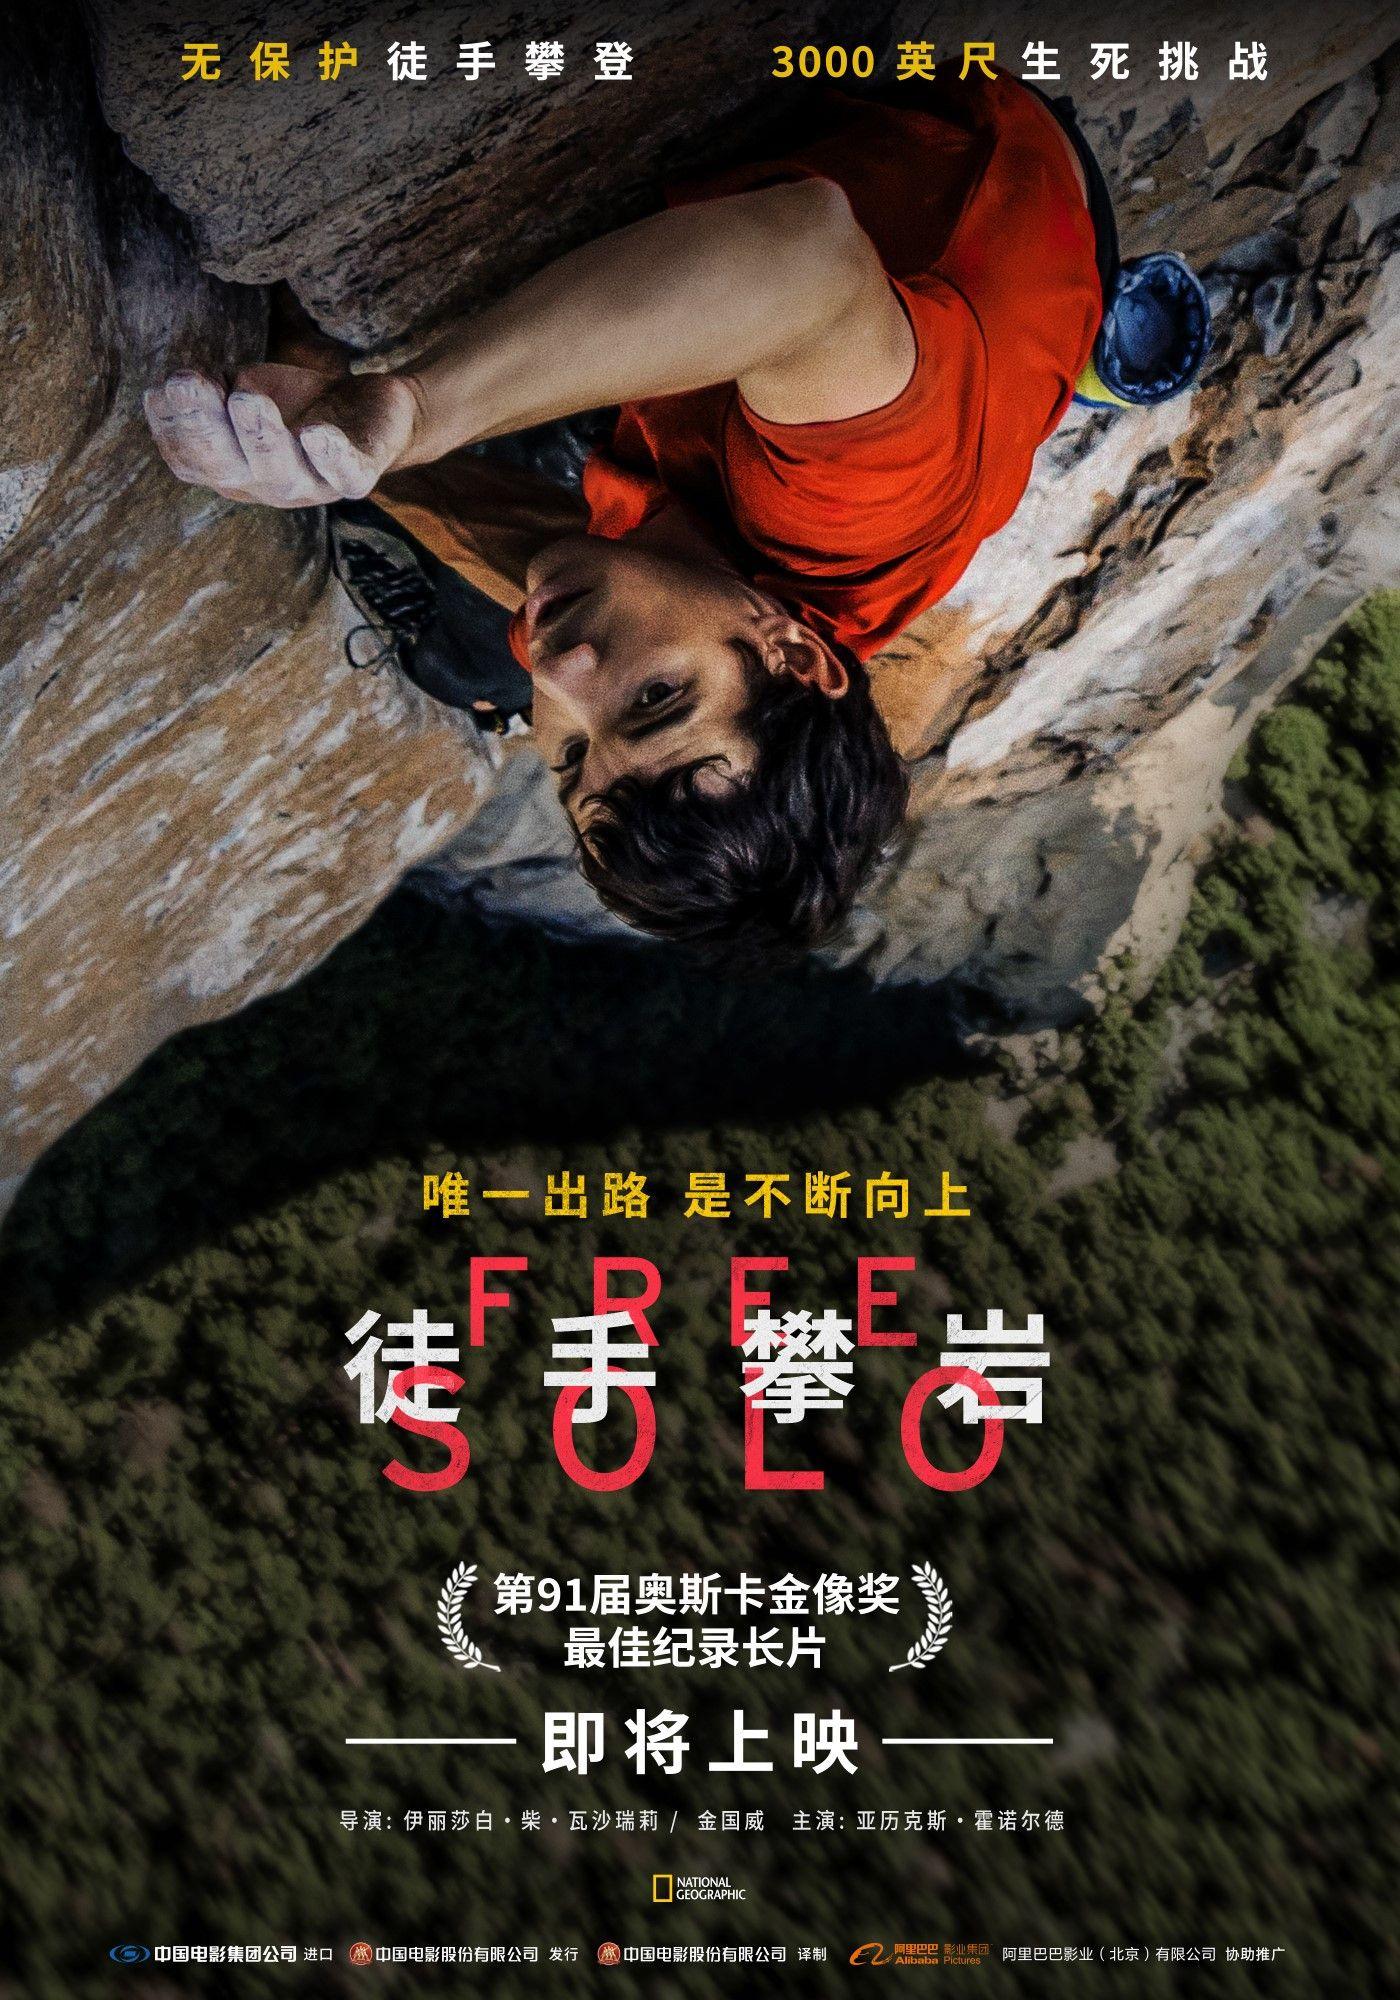 奥斯卡最佳纪录片《徒手攀岩》确认引进,豆瓣